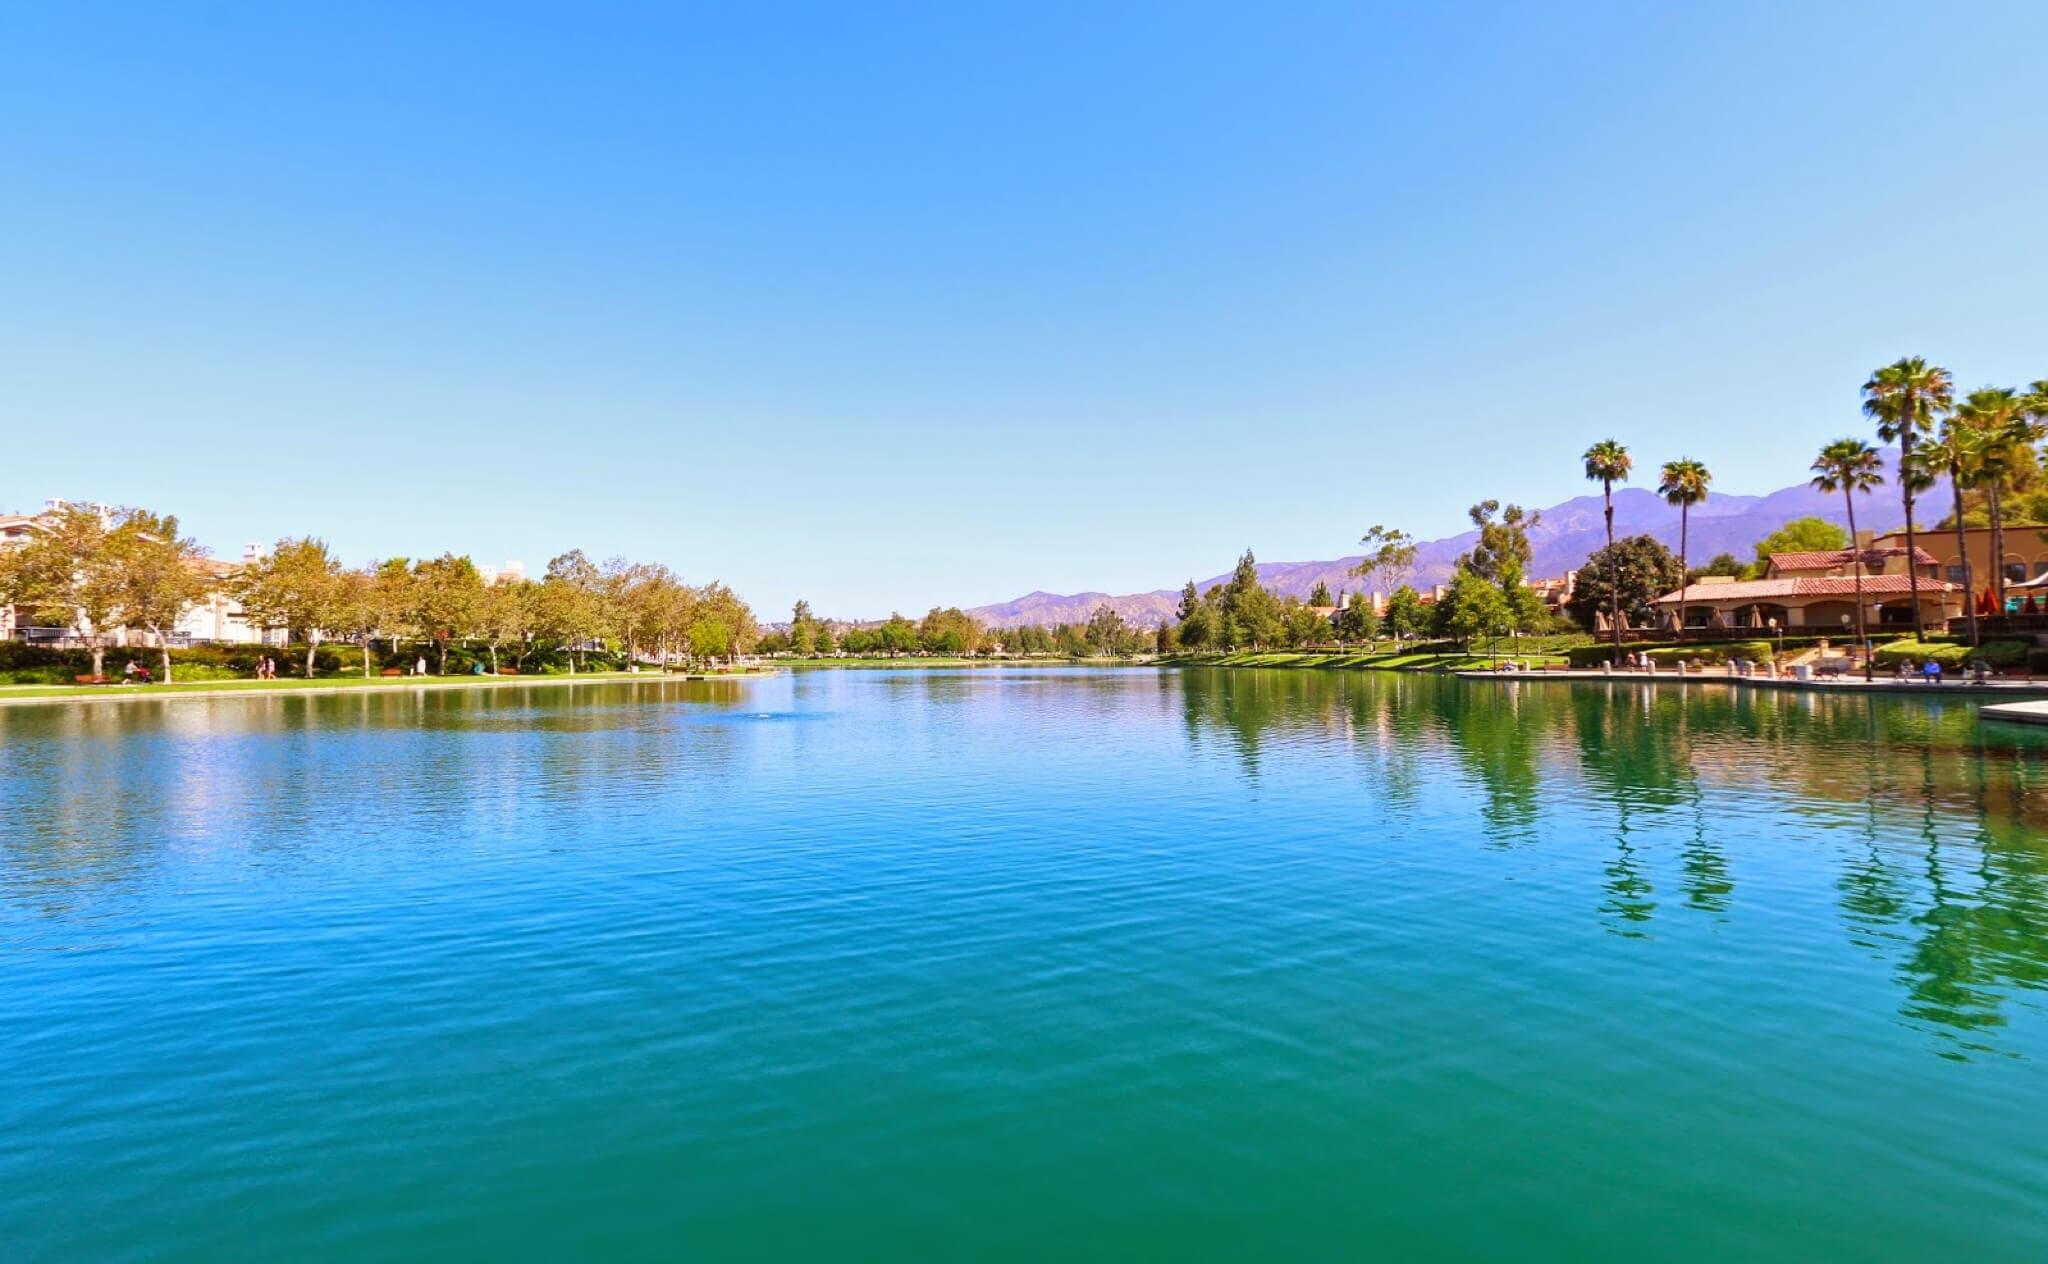 RSM-Rancho-Santa-Margarita-Lake-01